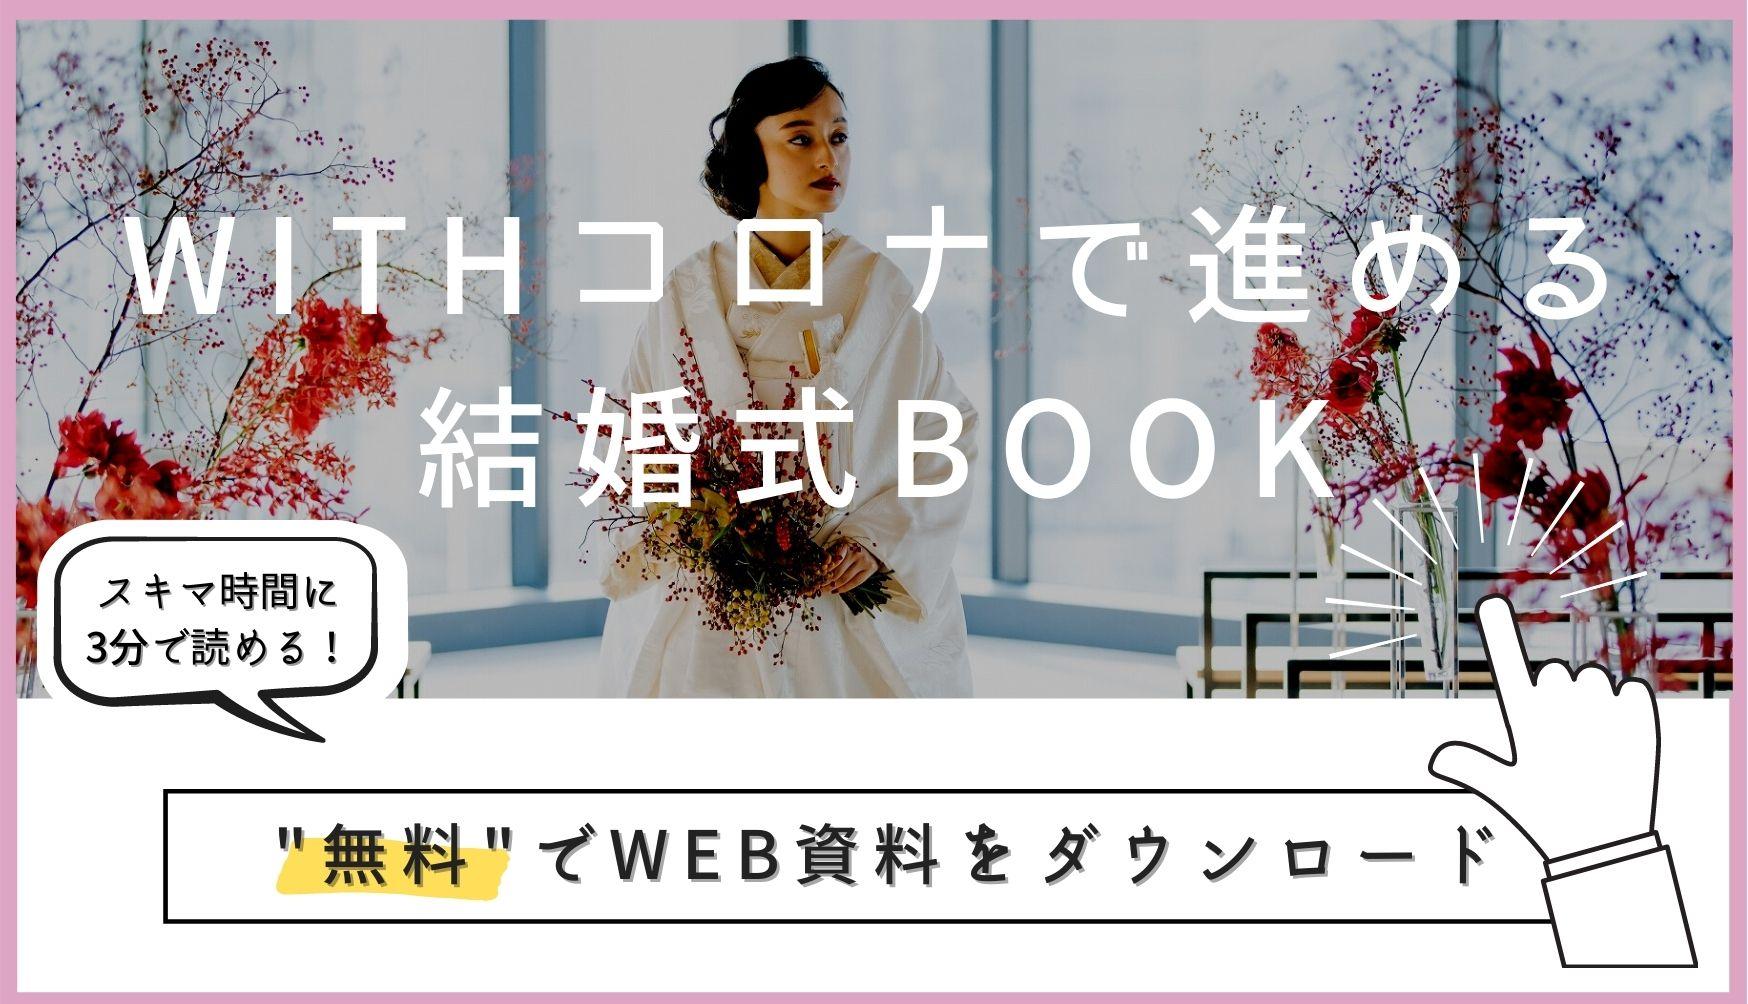 ▼「Withコロナで進める結婚式BOOK」の無料ダウンロードはこちら